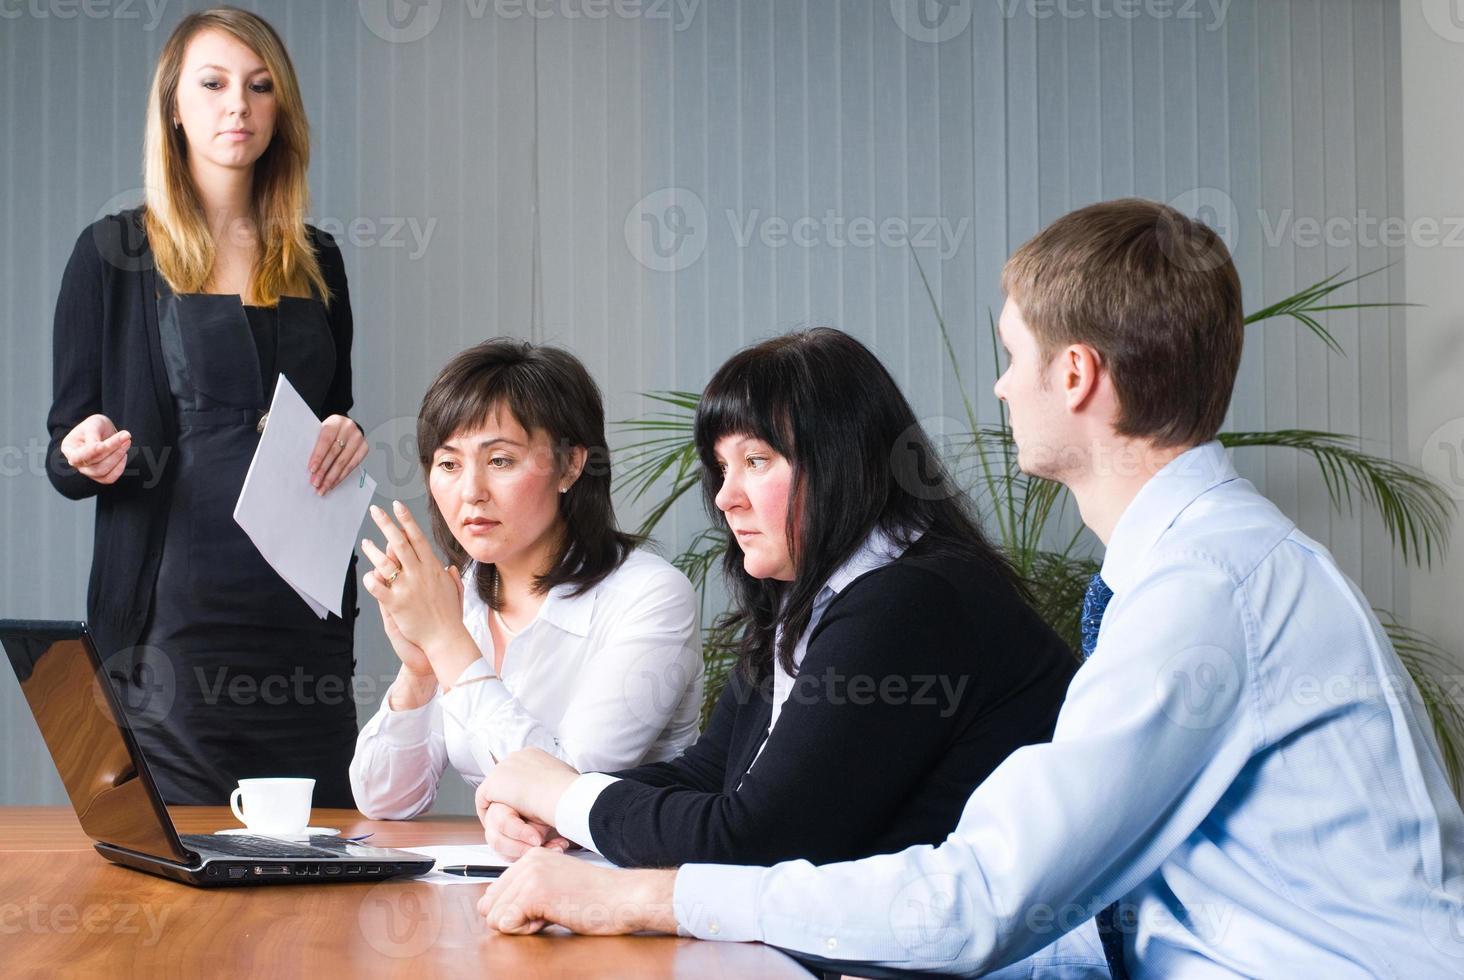 vrouw bedrijfspresentatie maken foto